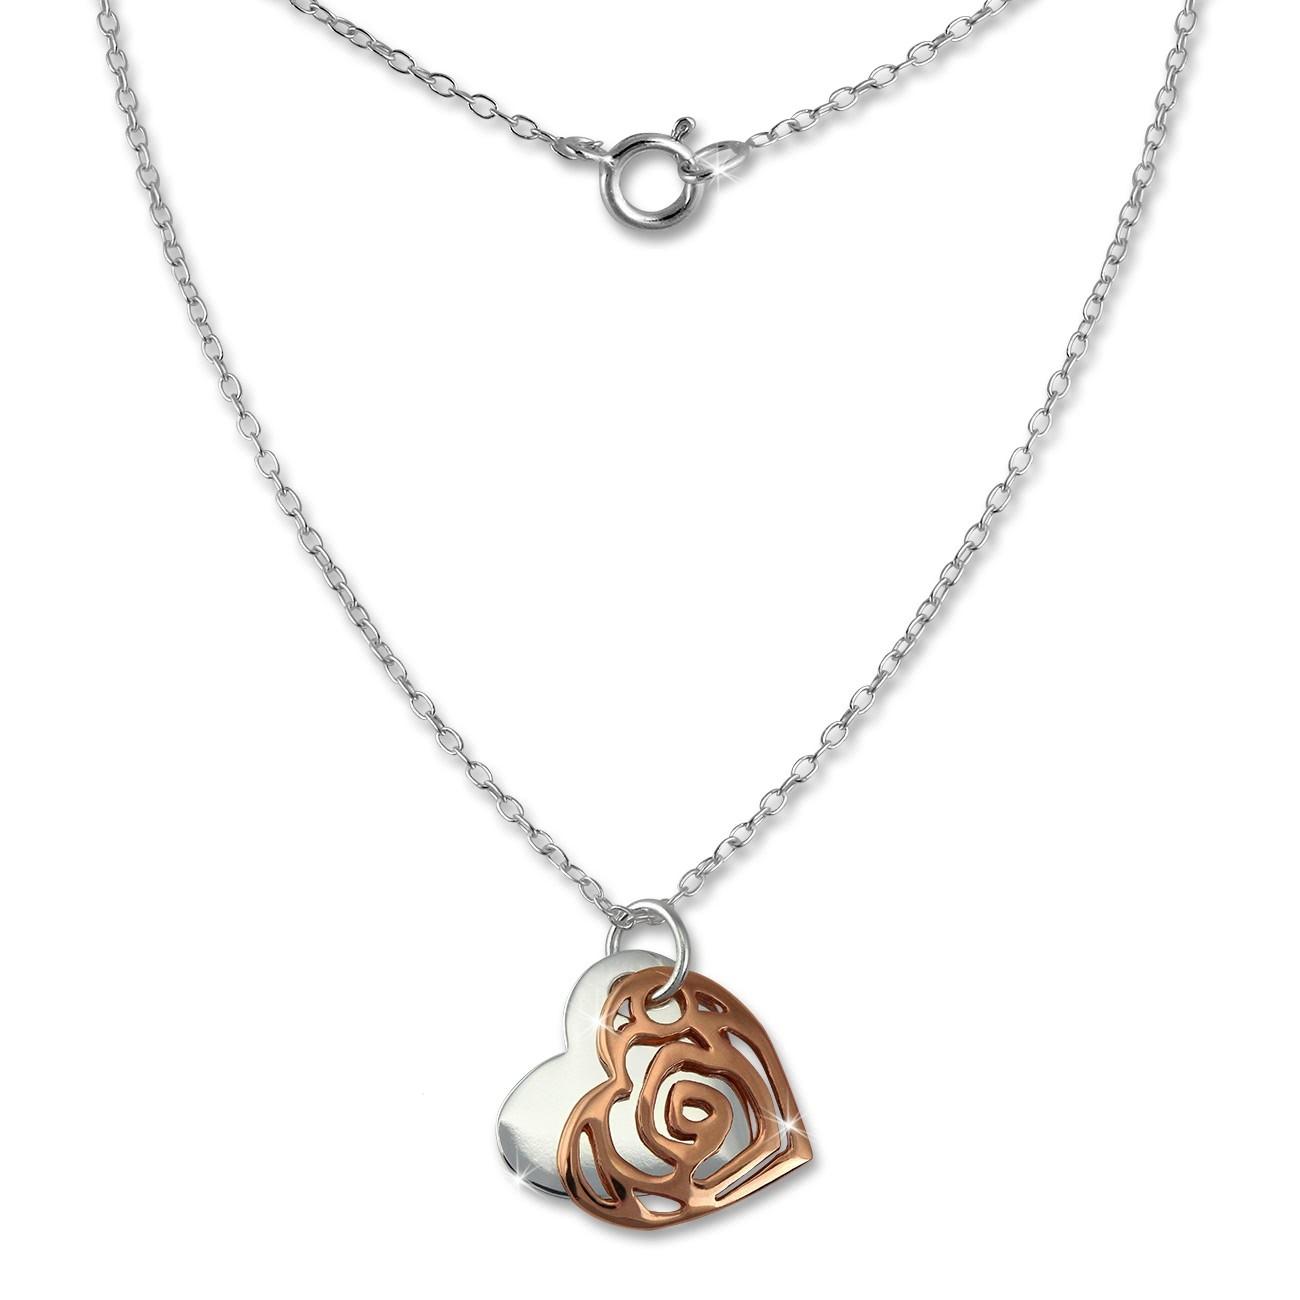 SilberDream Kette Doppel Herz rose vergoldet 925 Sterling Silber 45,5cm SDK8006E